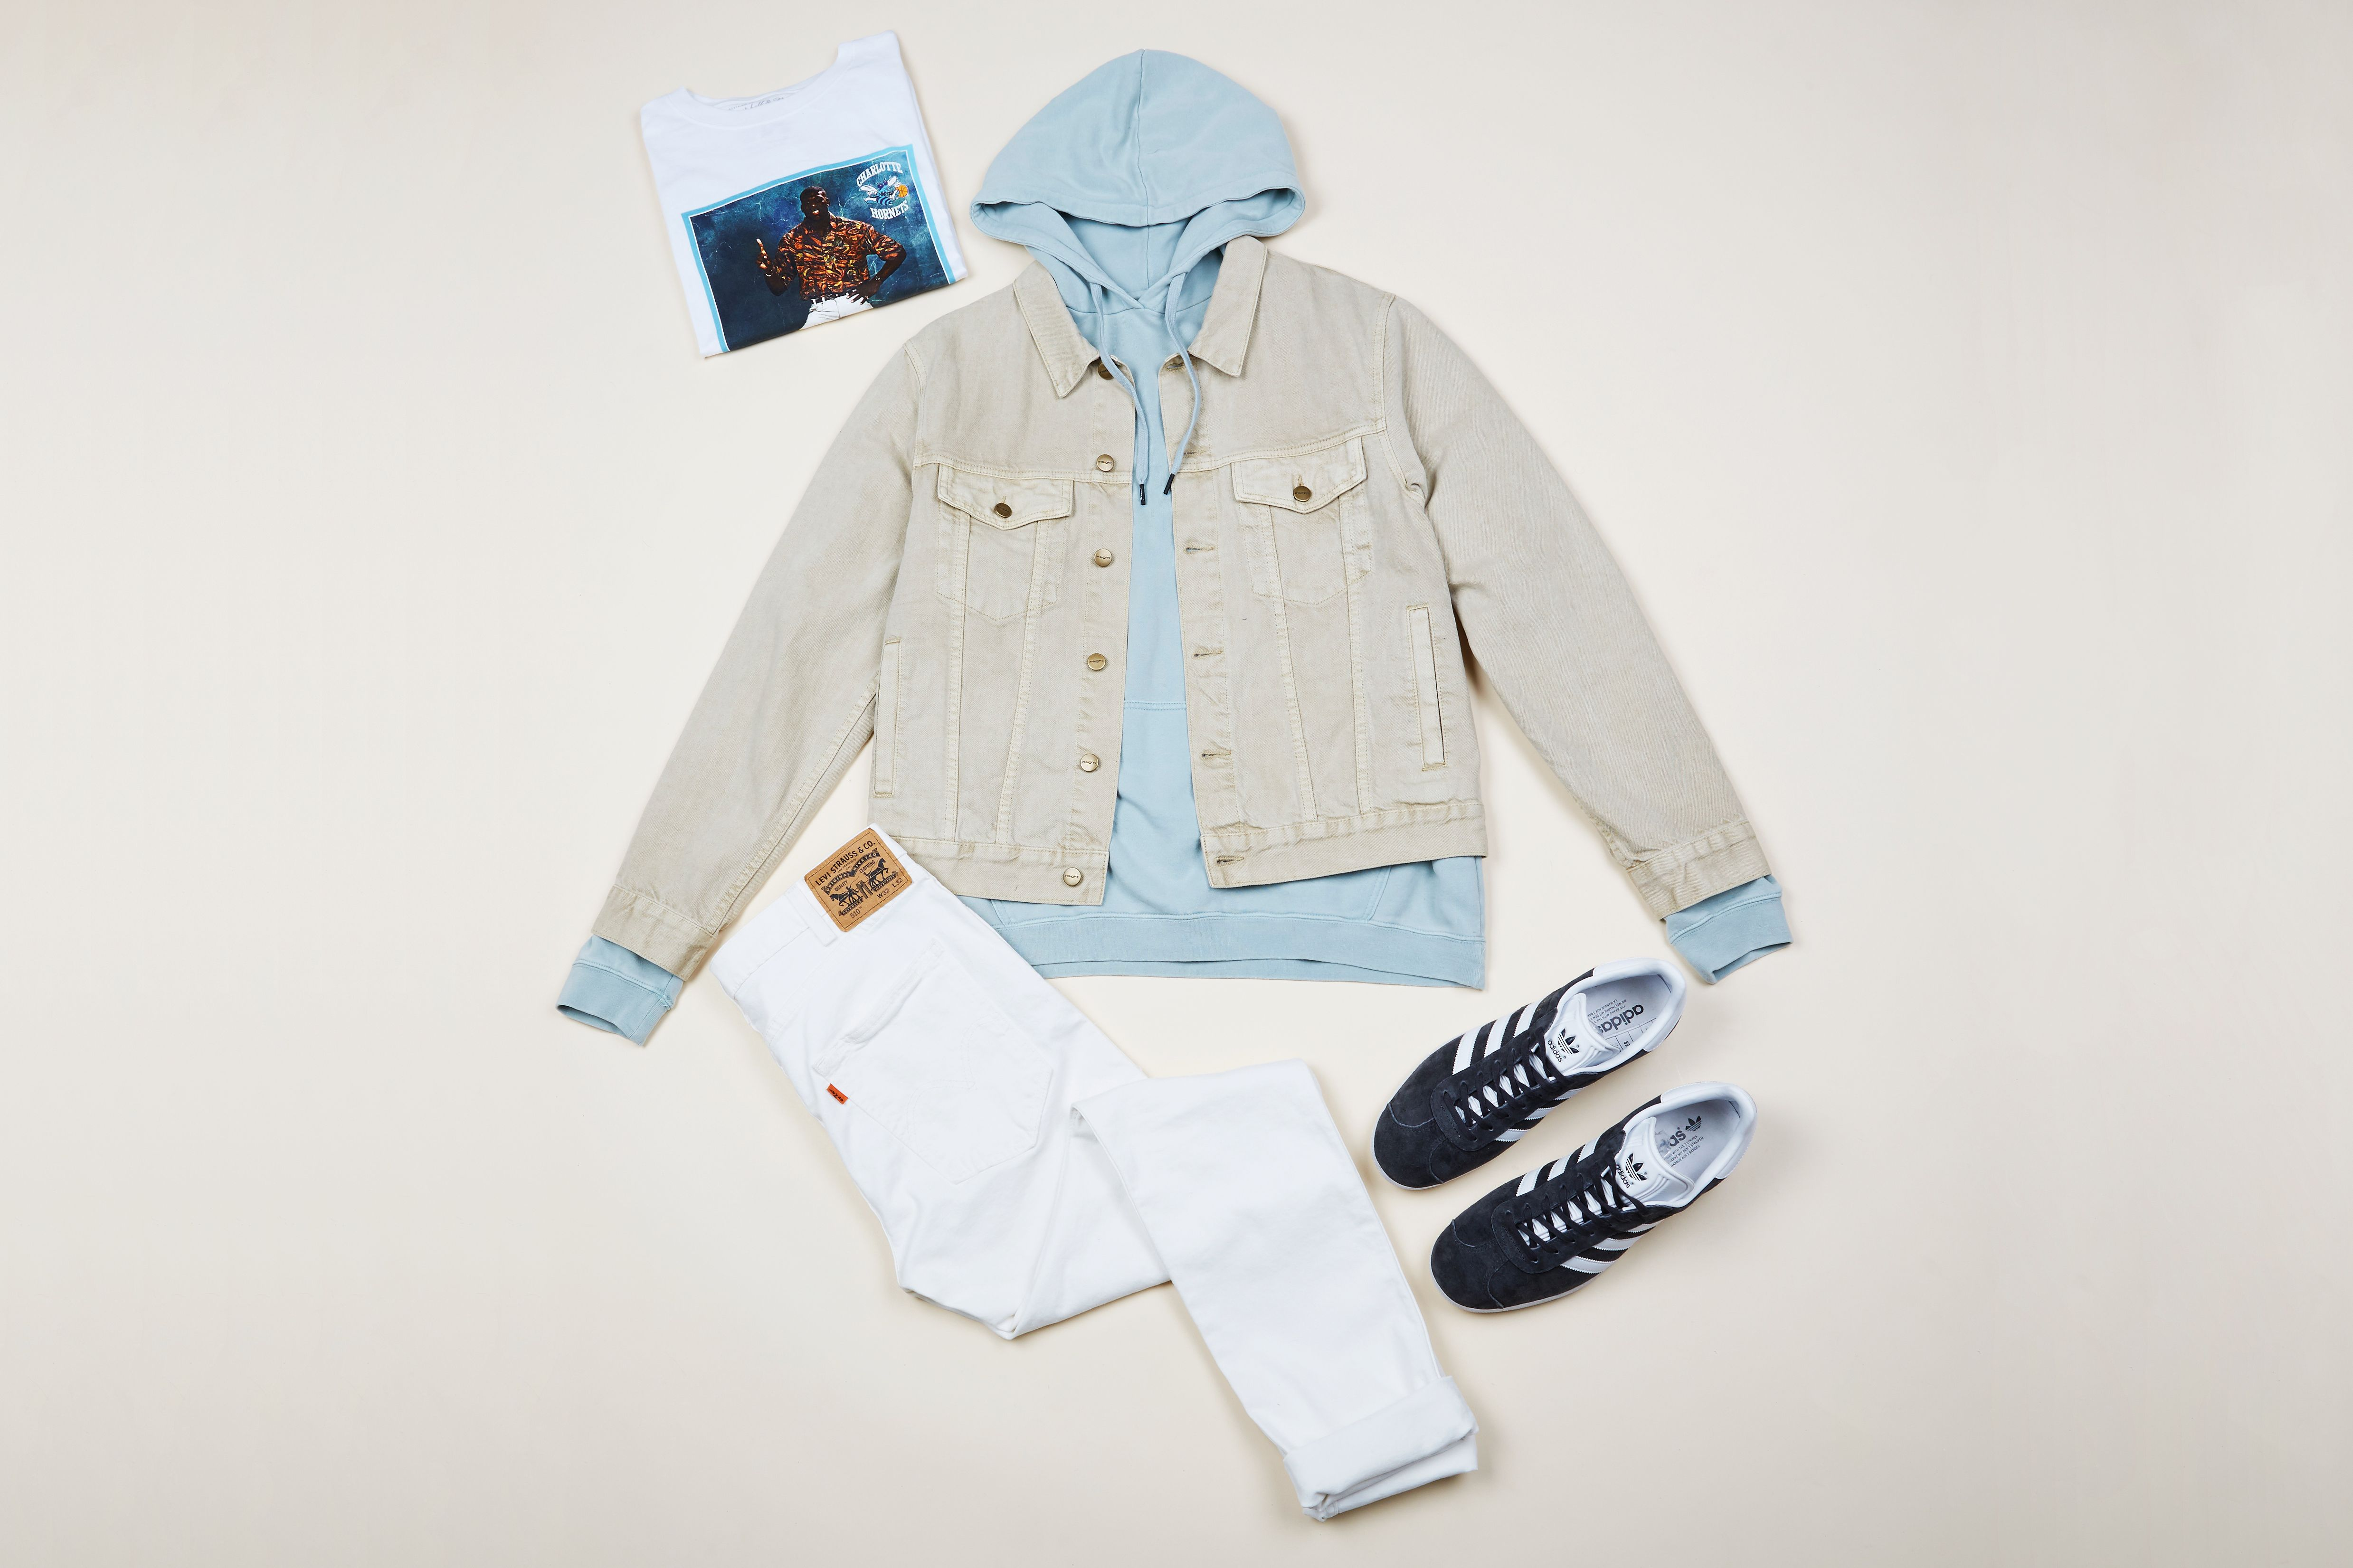 Roadkill Jacket Vintage Tan $109.95 | #generalpants #mensflatlay #adidasgazelles #majesticathletic #levisanz #levis #stussy #denimjacket #streetwear